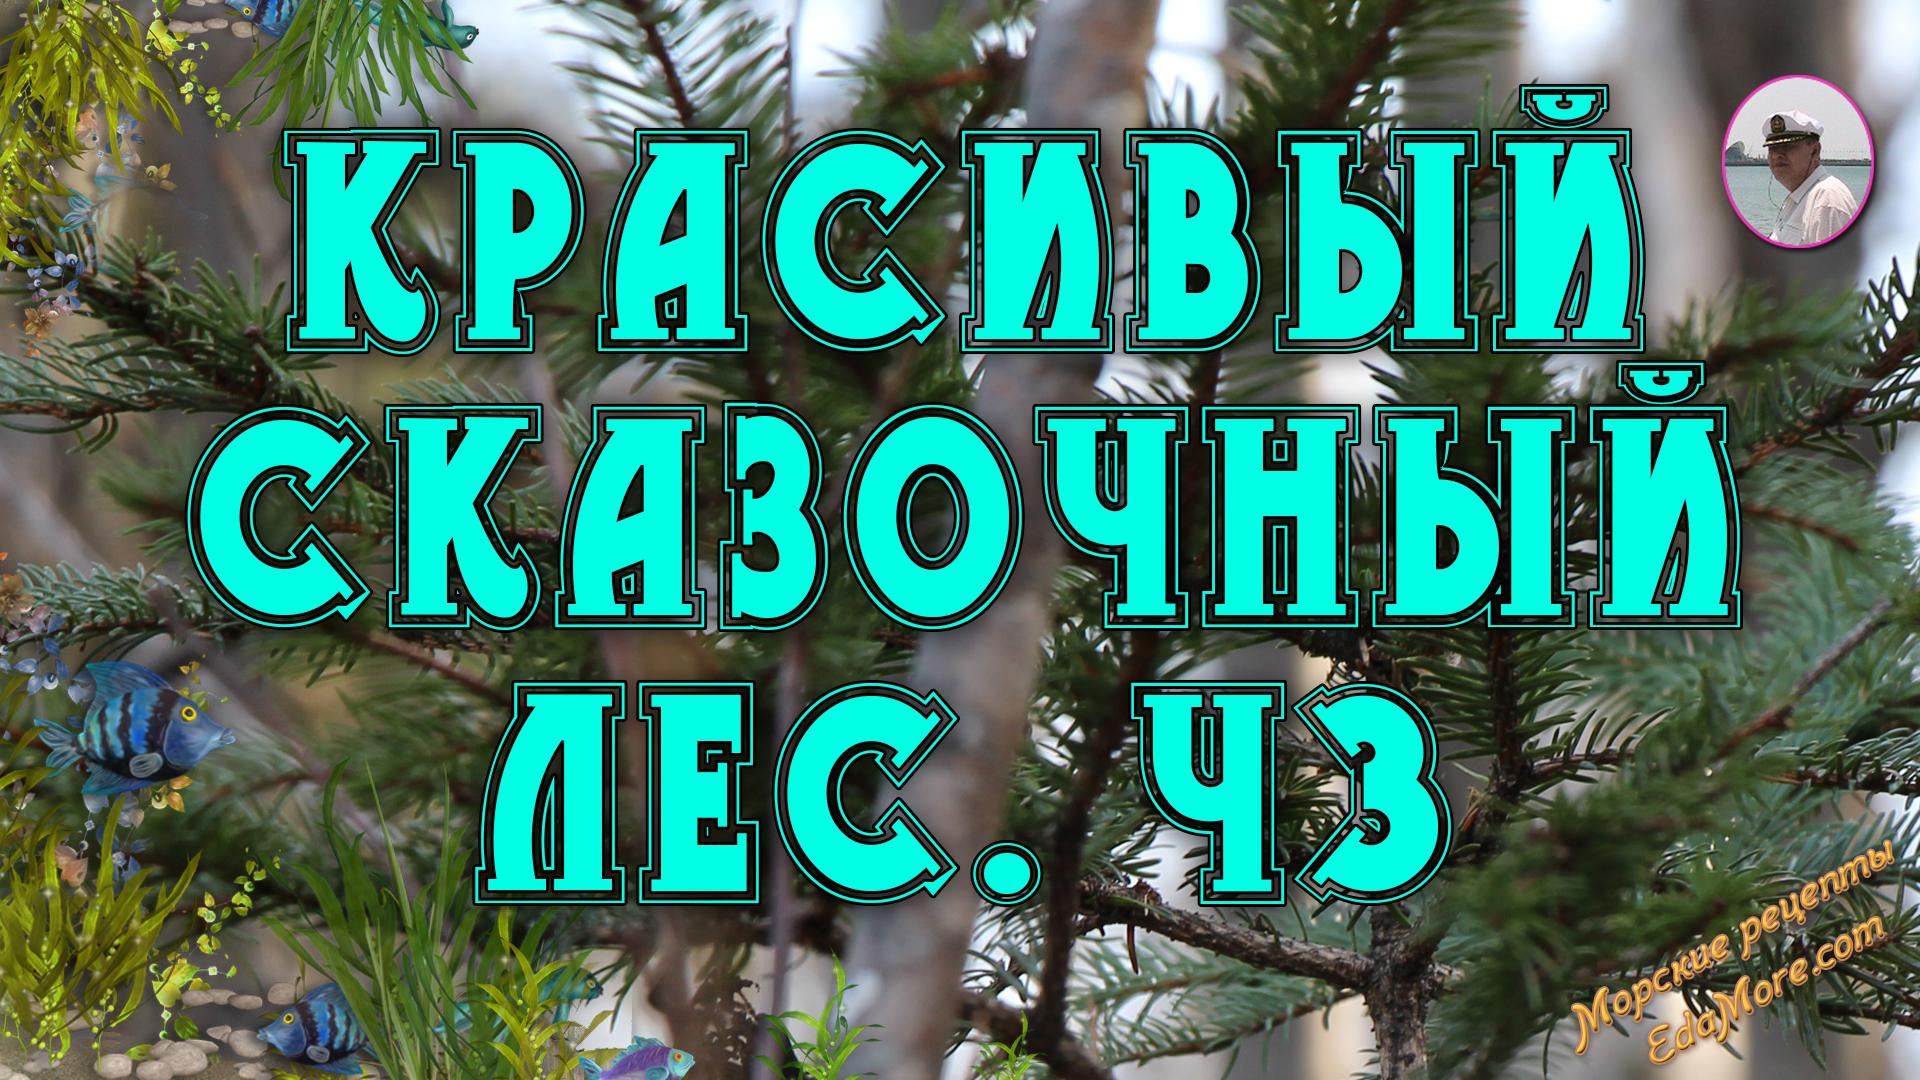 сказочный осенний лес, сказочный лес скачать, в сказочном лесу живут, песня сказочный лес